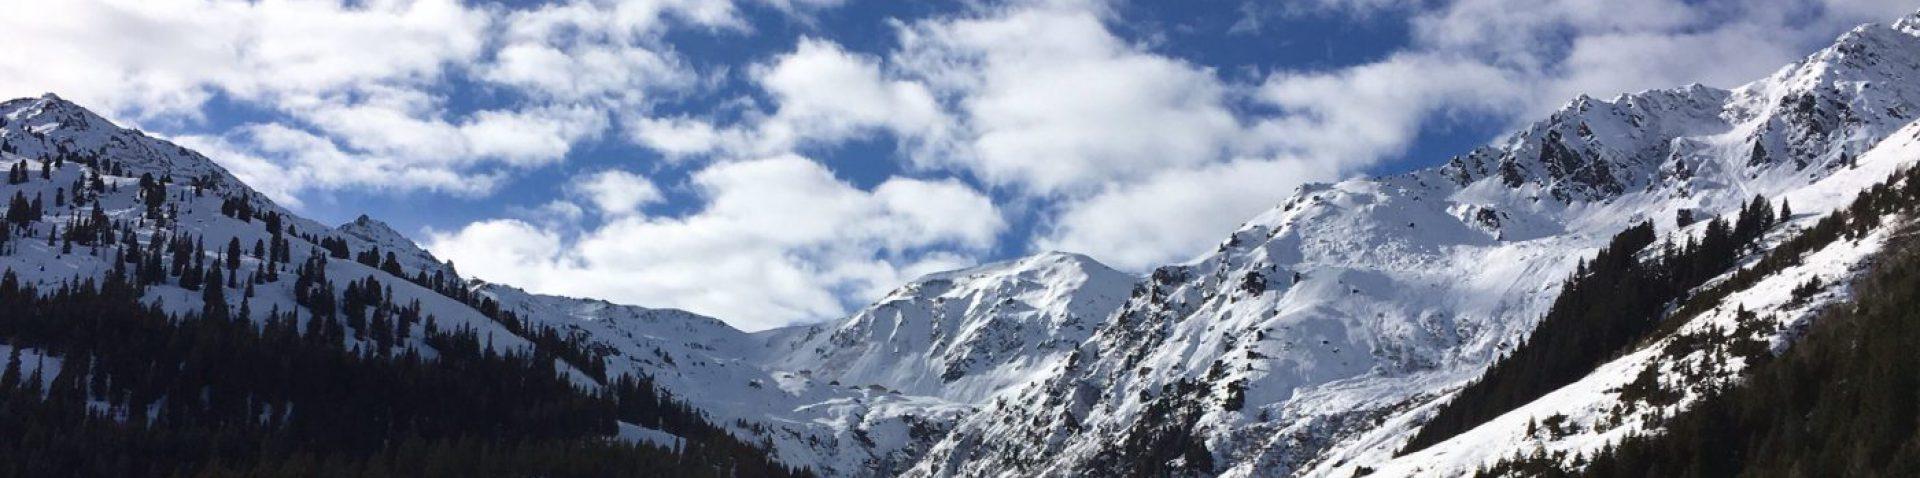 Wandern und Skifahren in den Bergen